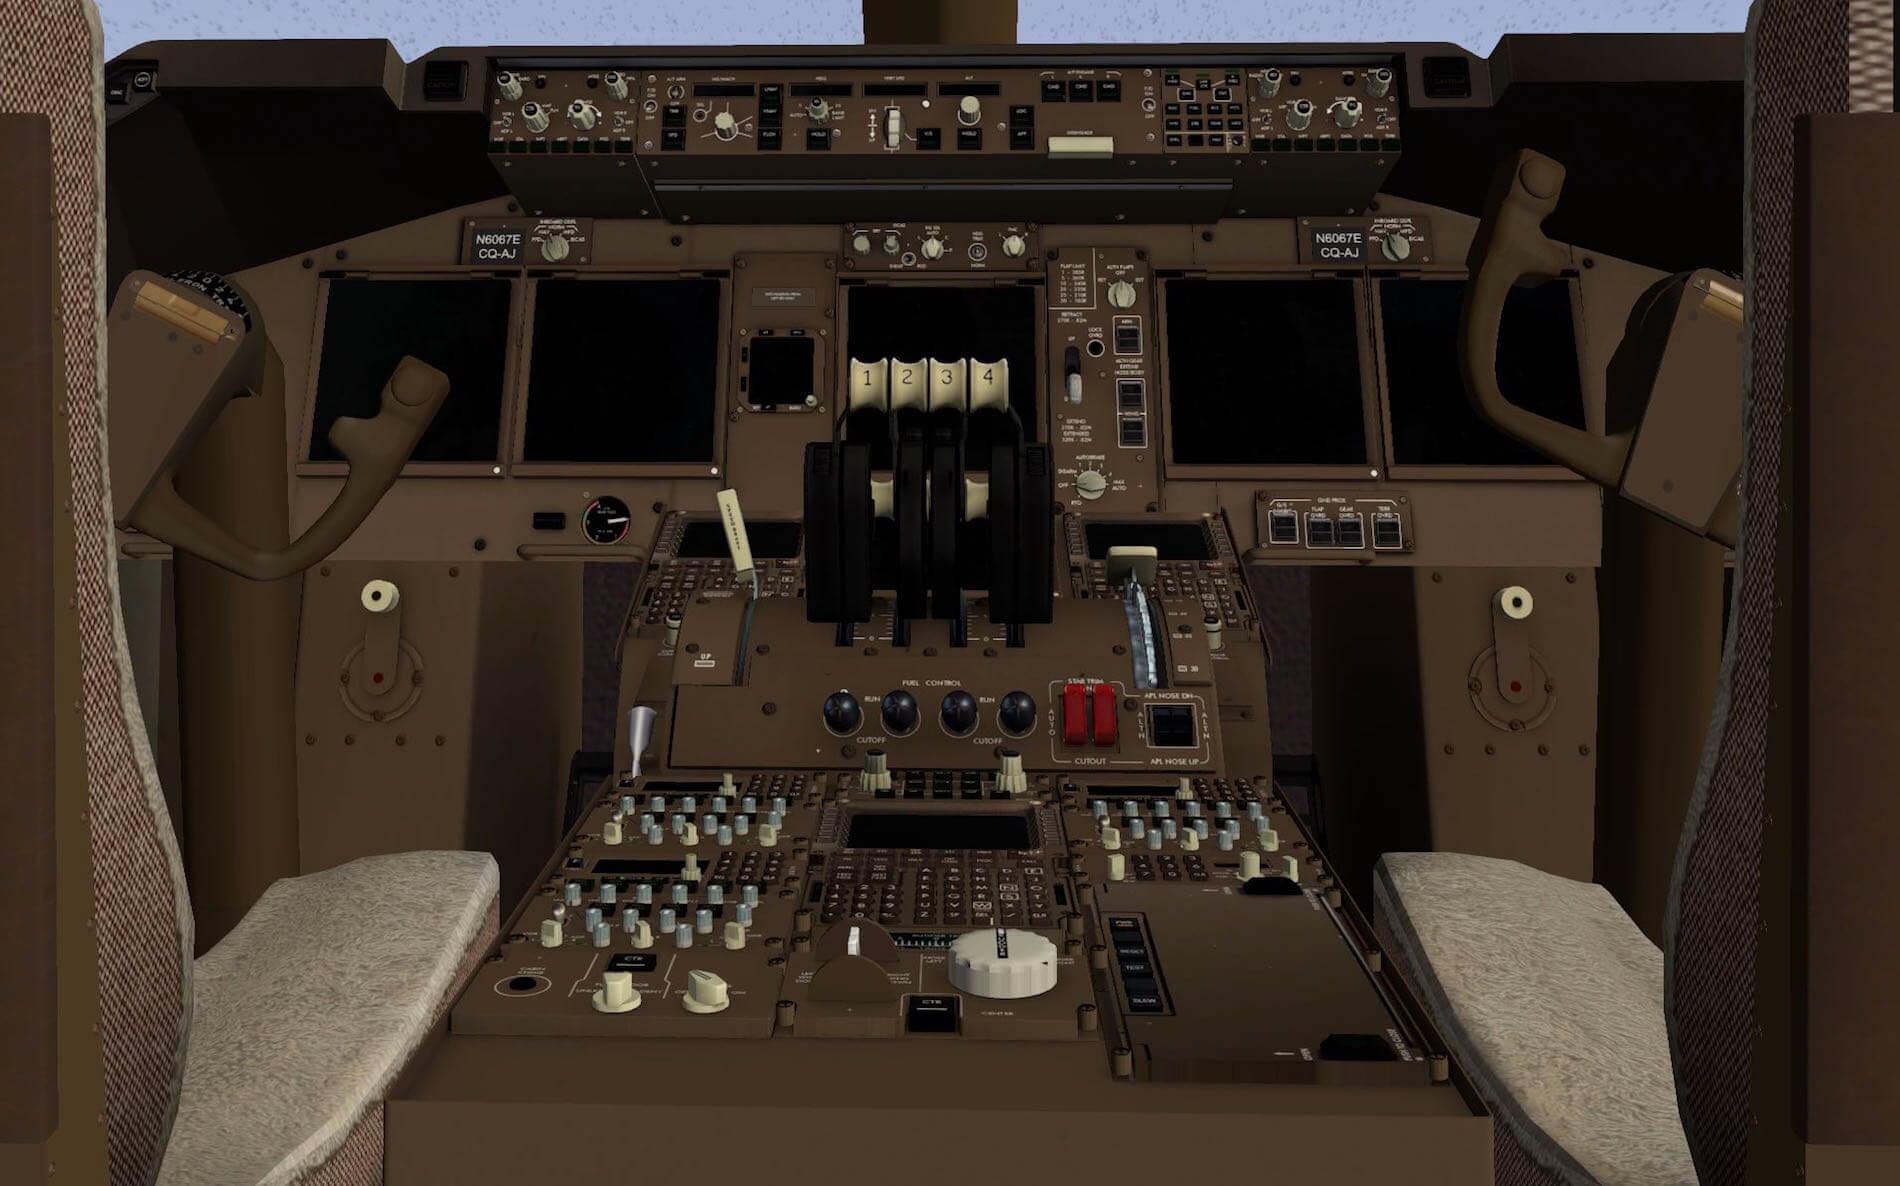 ssg-748i-00002